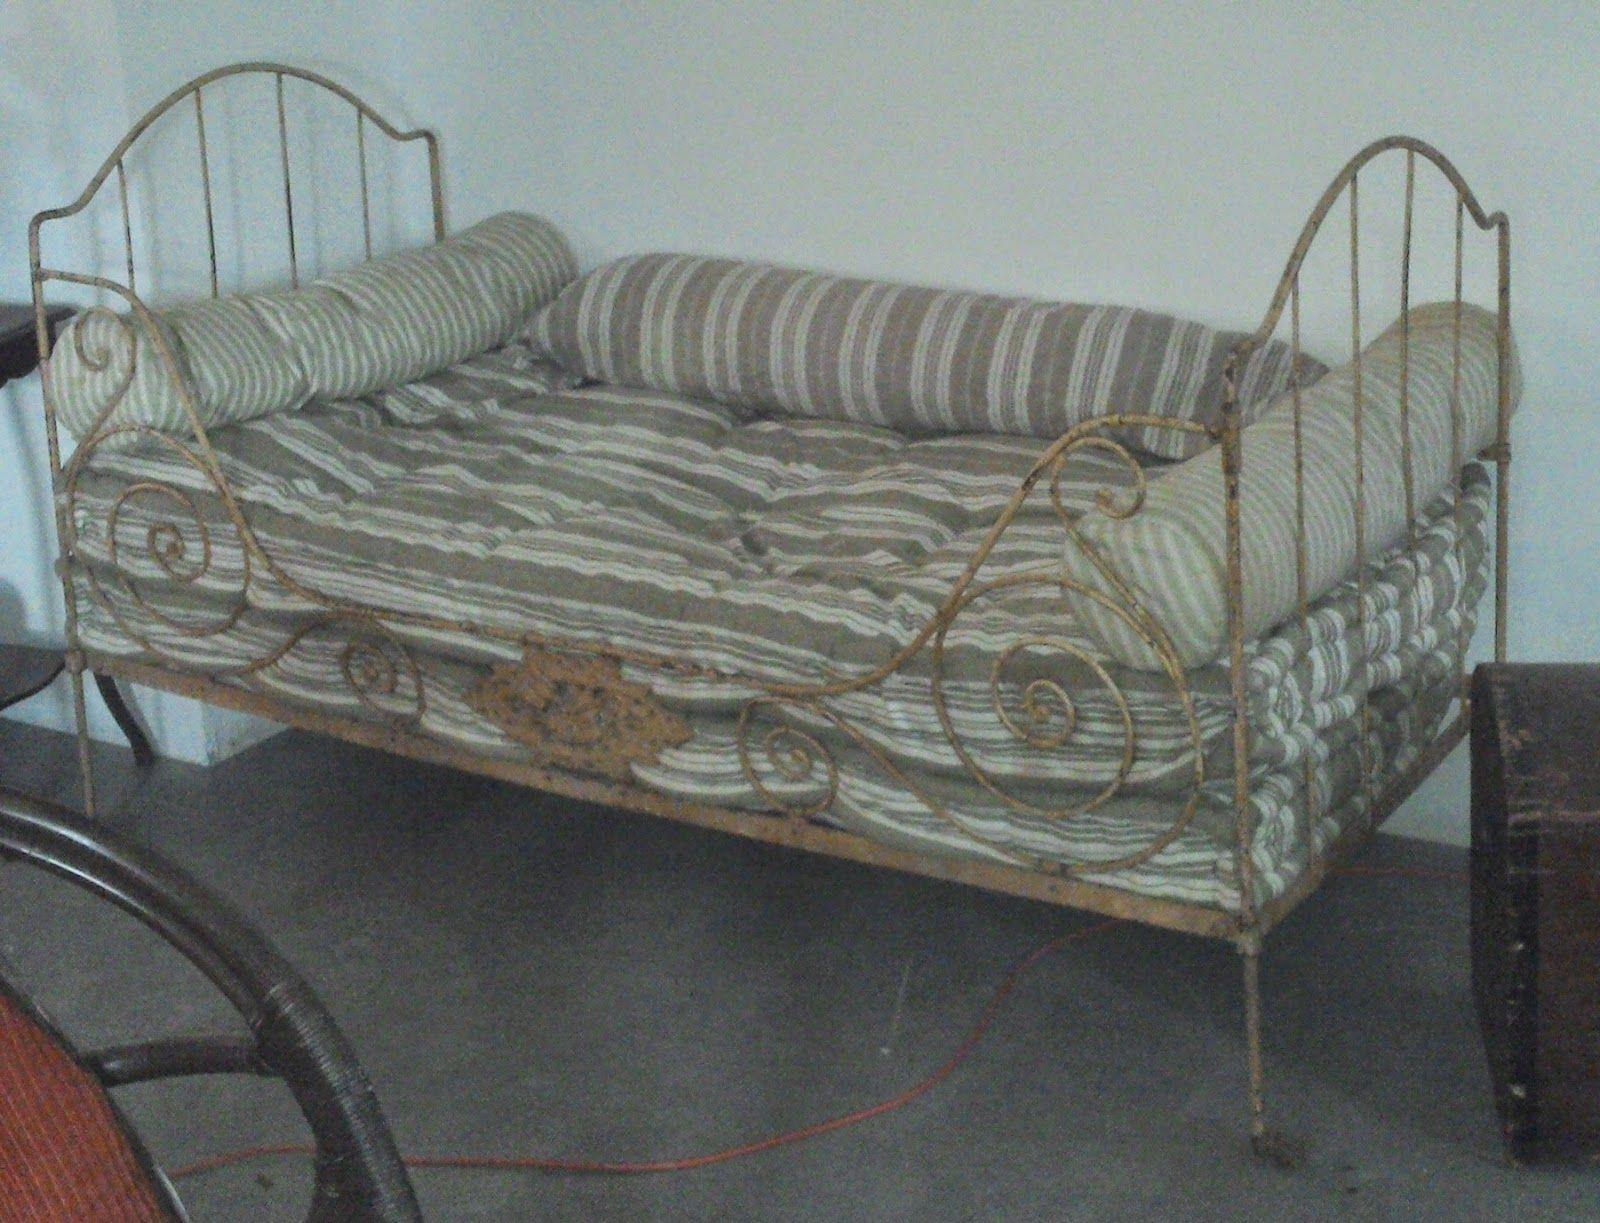 didoulabrocante lit en fer forg et matelas anciens laine coussins plumes ancien xixeme tissus. Black Bedroom Furniture Sets. Home Design Ideas